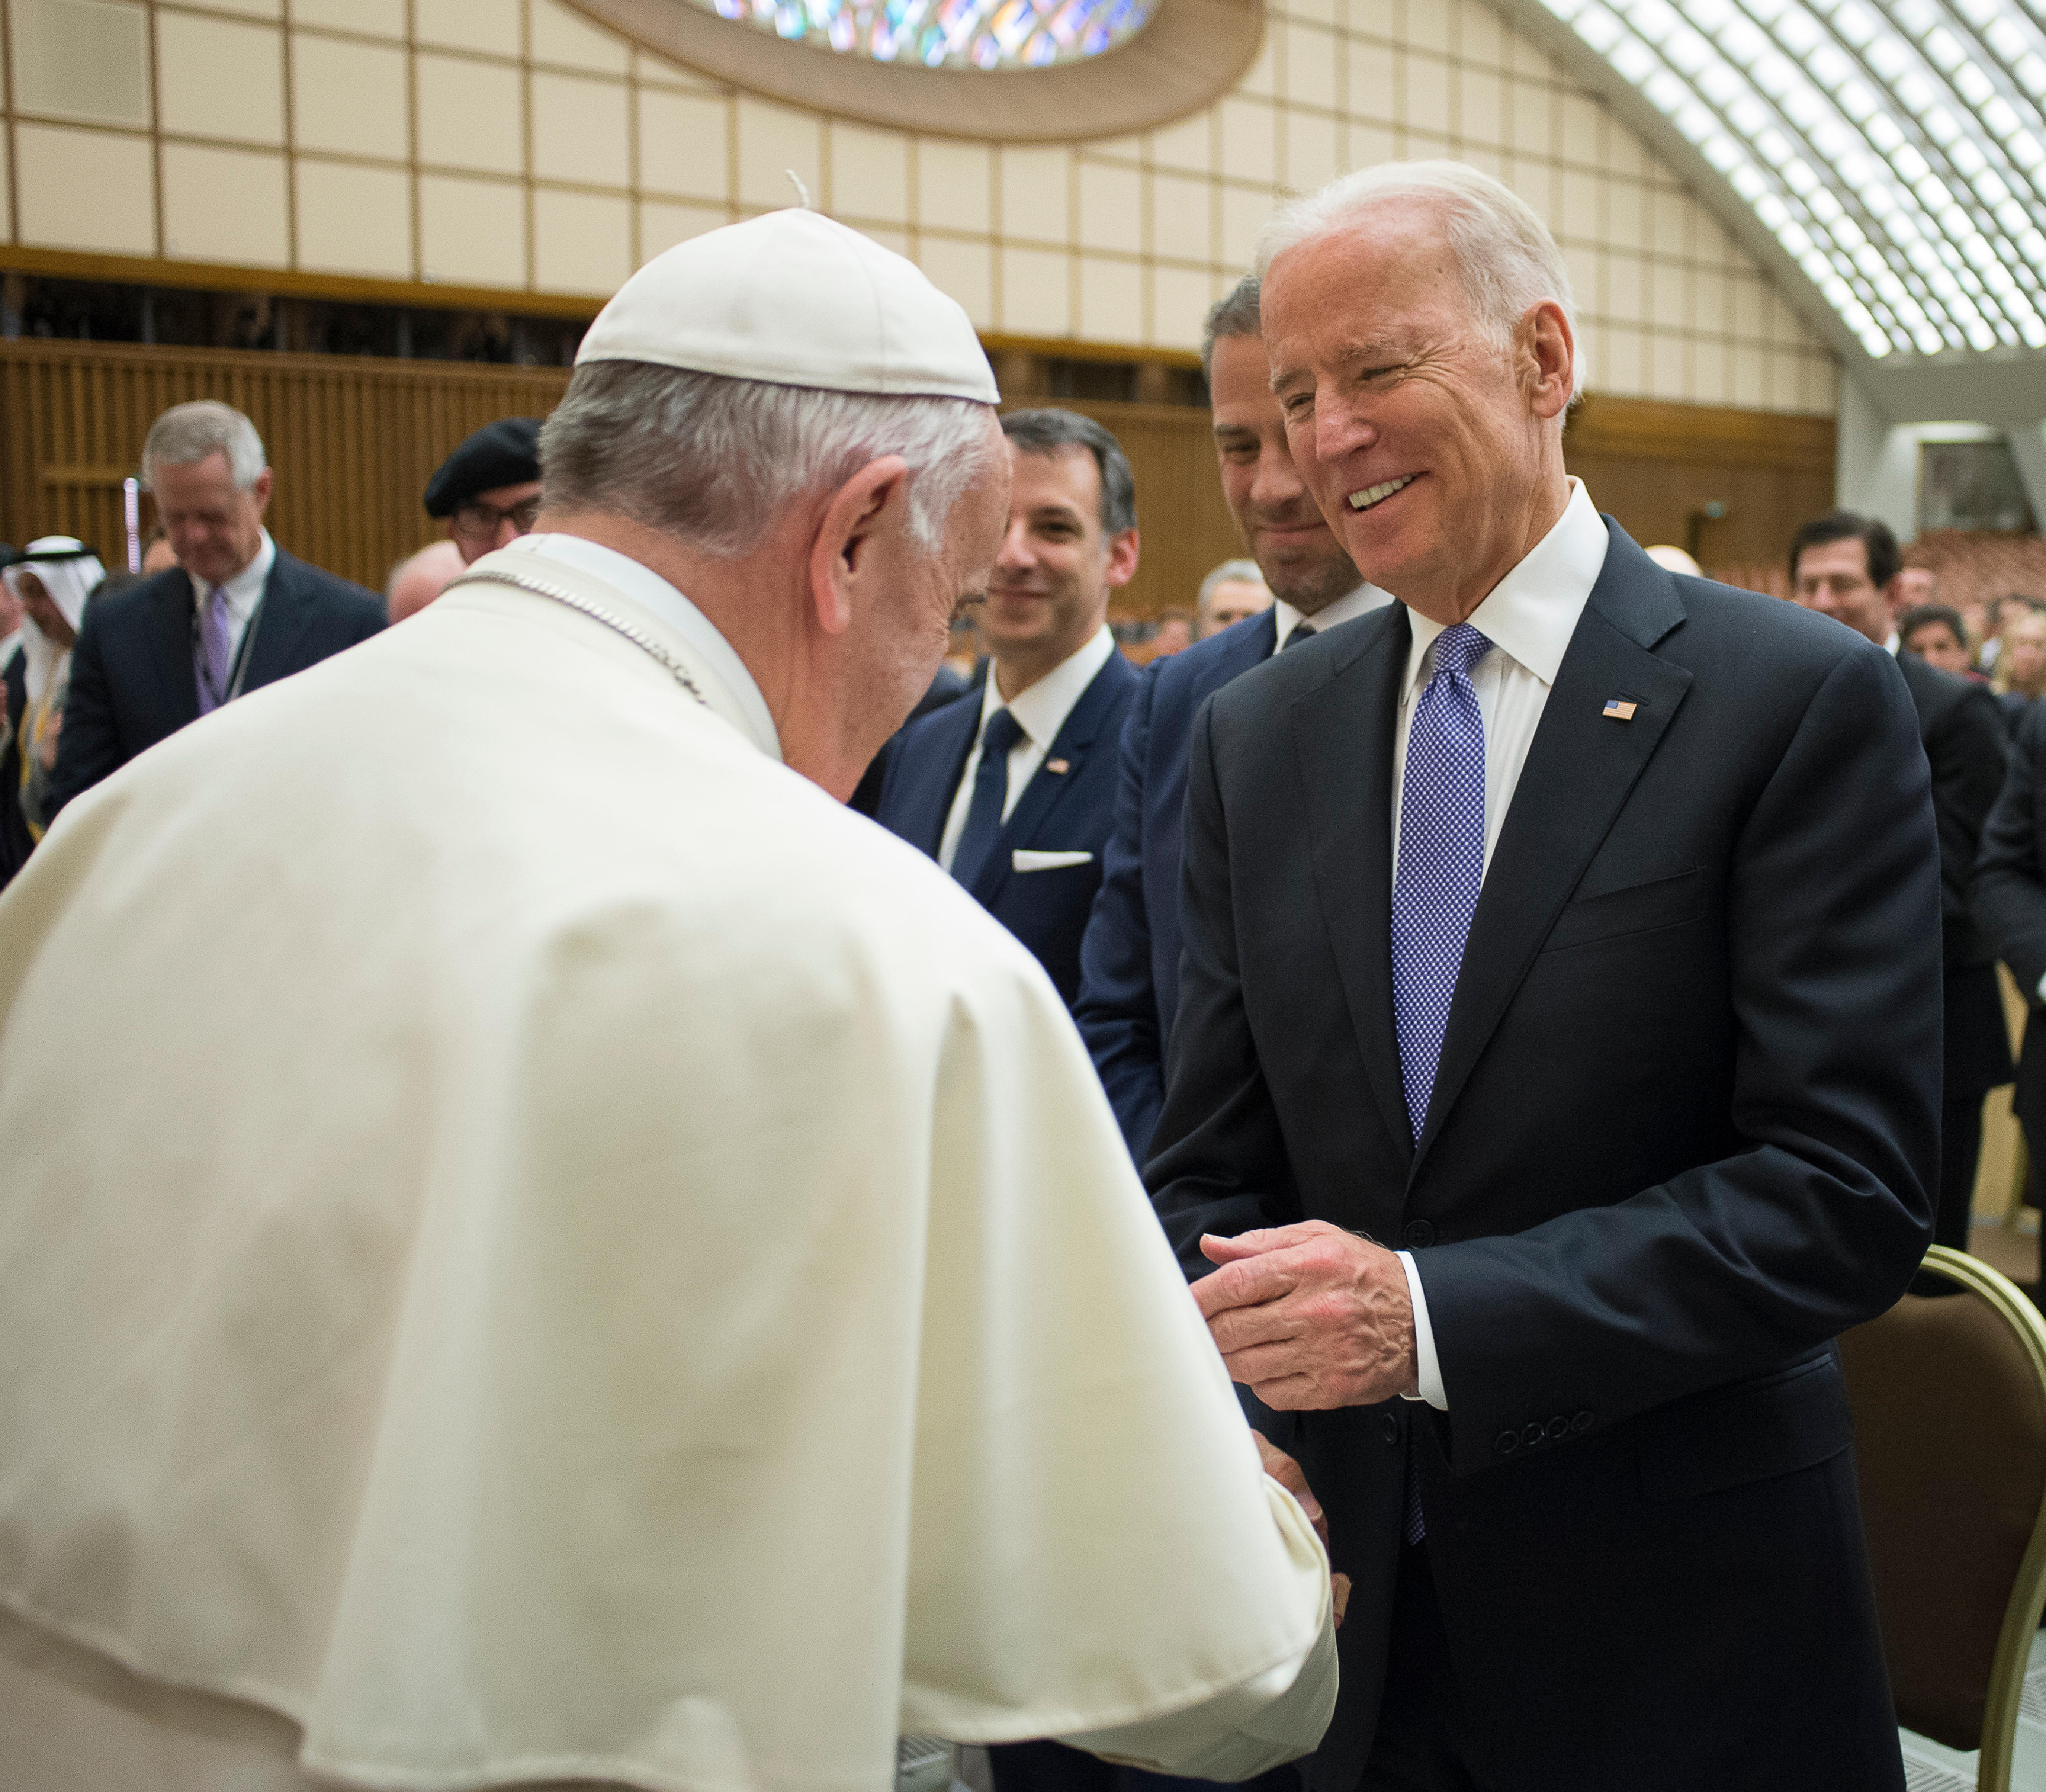 Joe Biden S Catholic Faith Is On Full Display On His